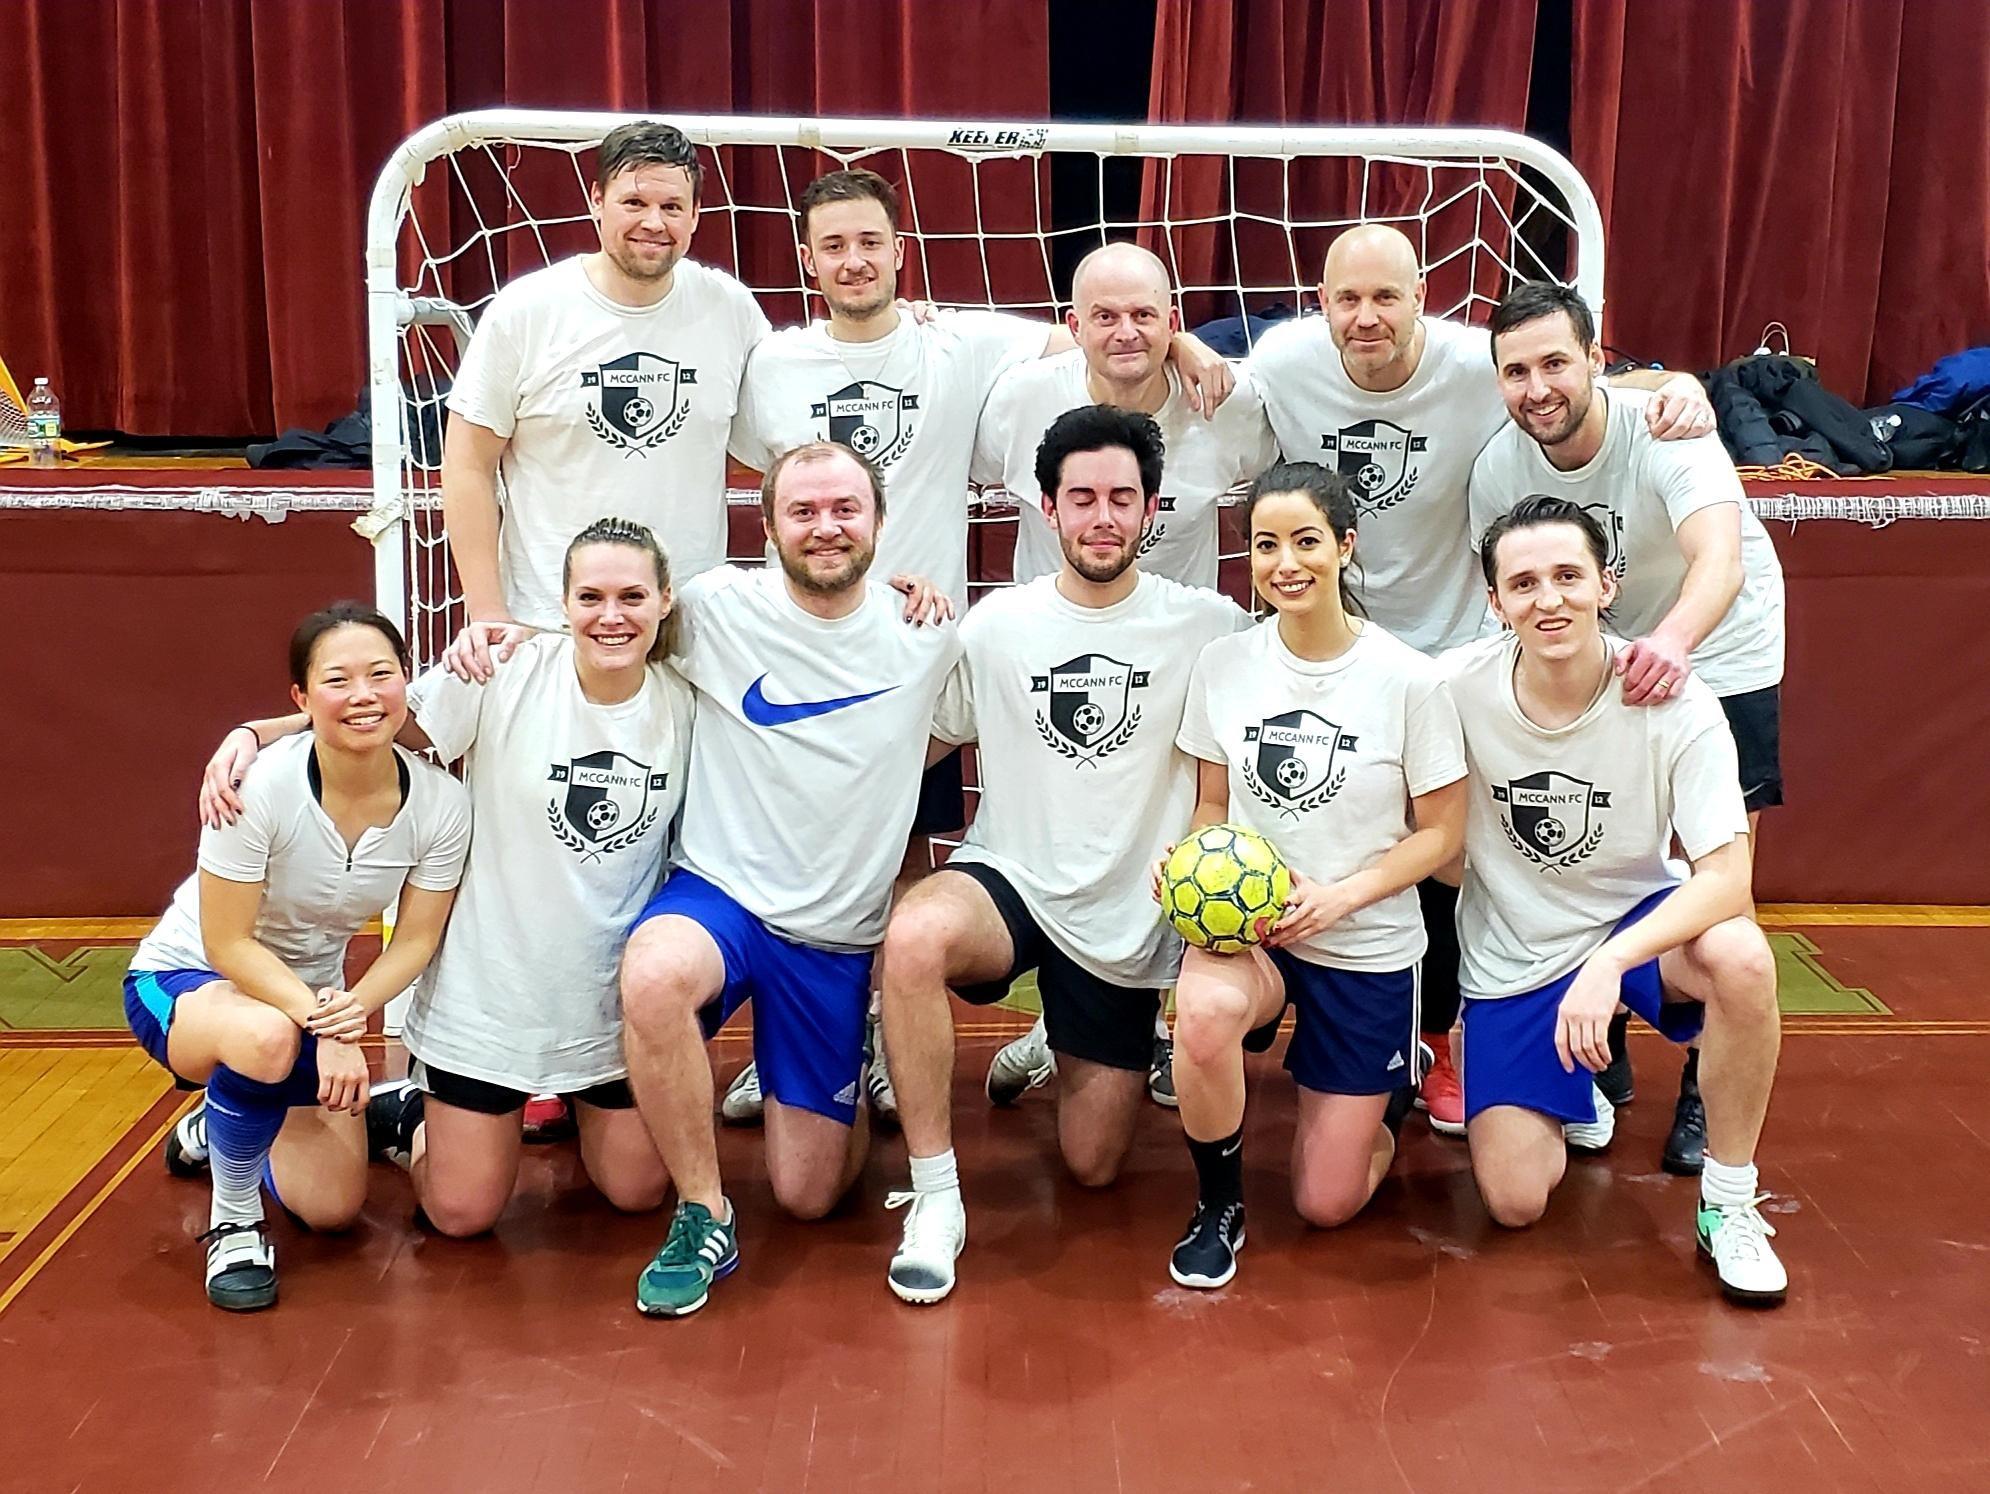 soccer team pic.jpg